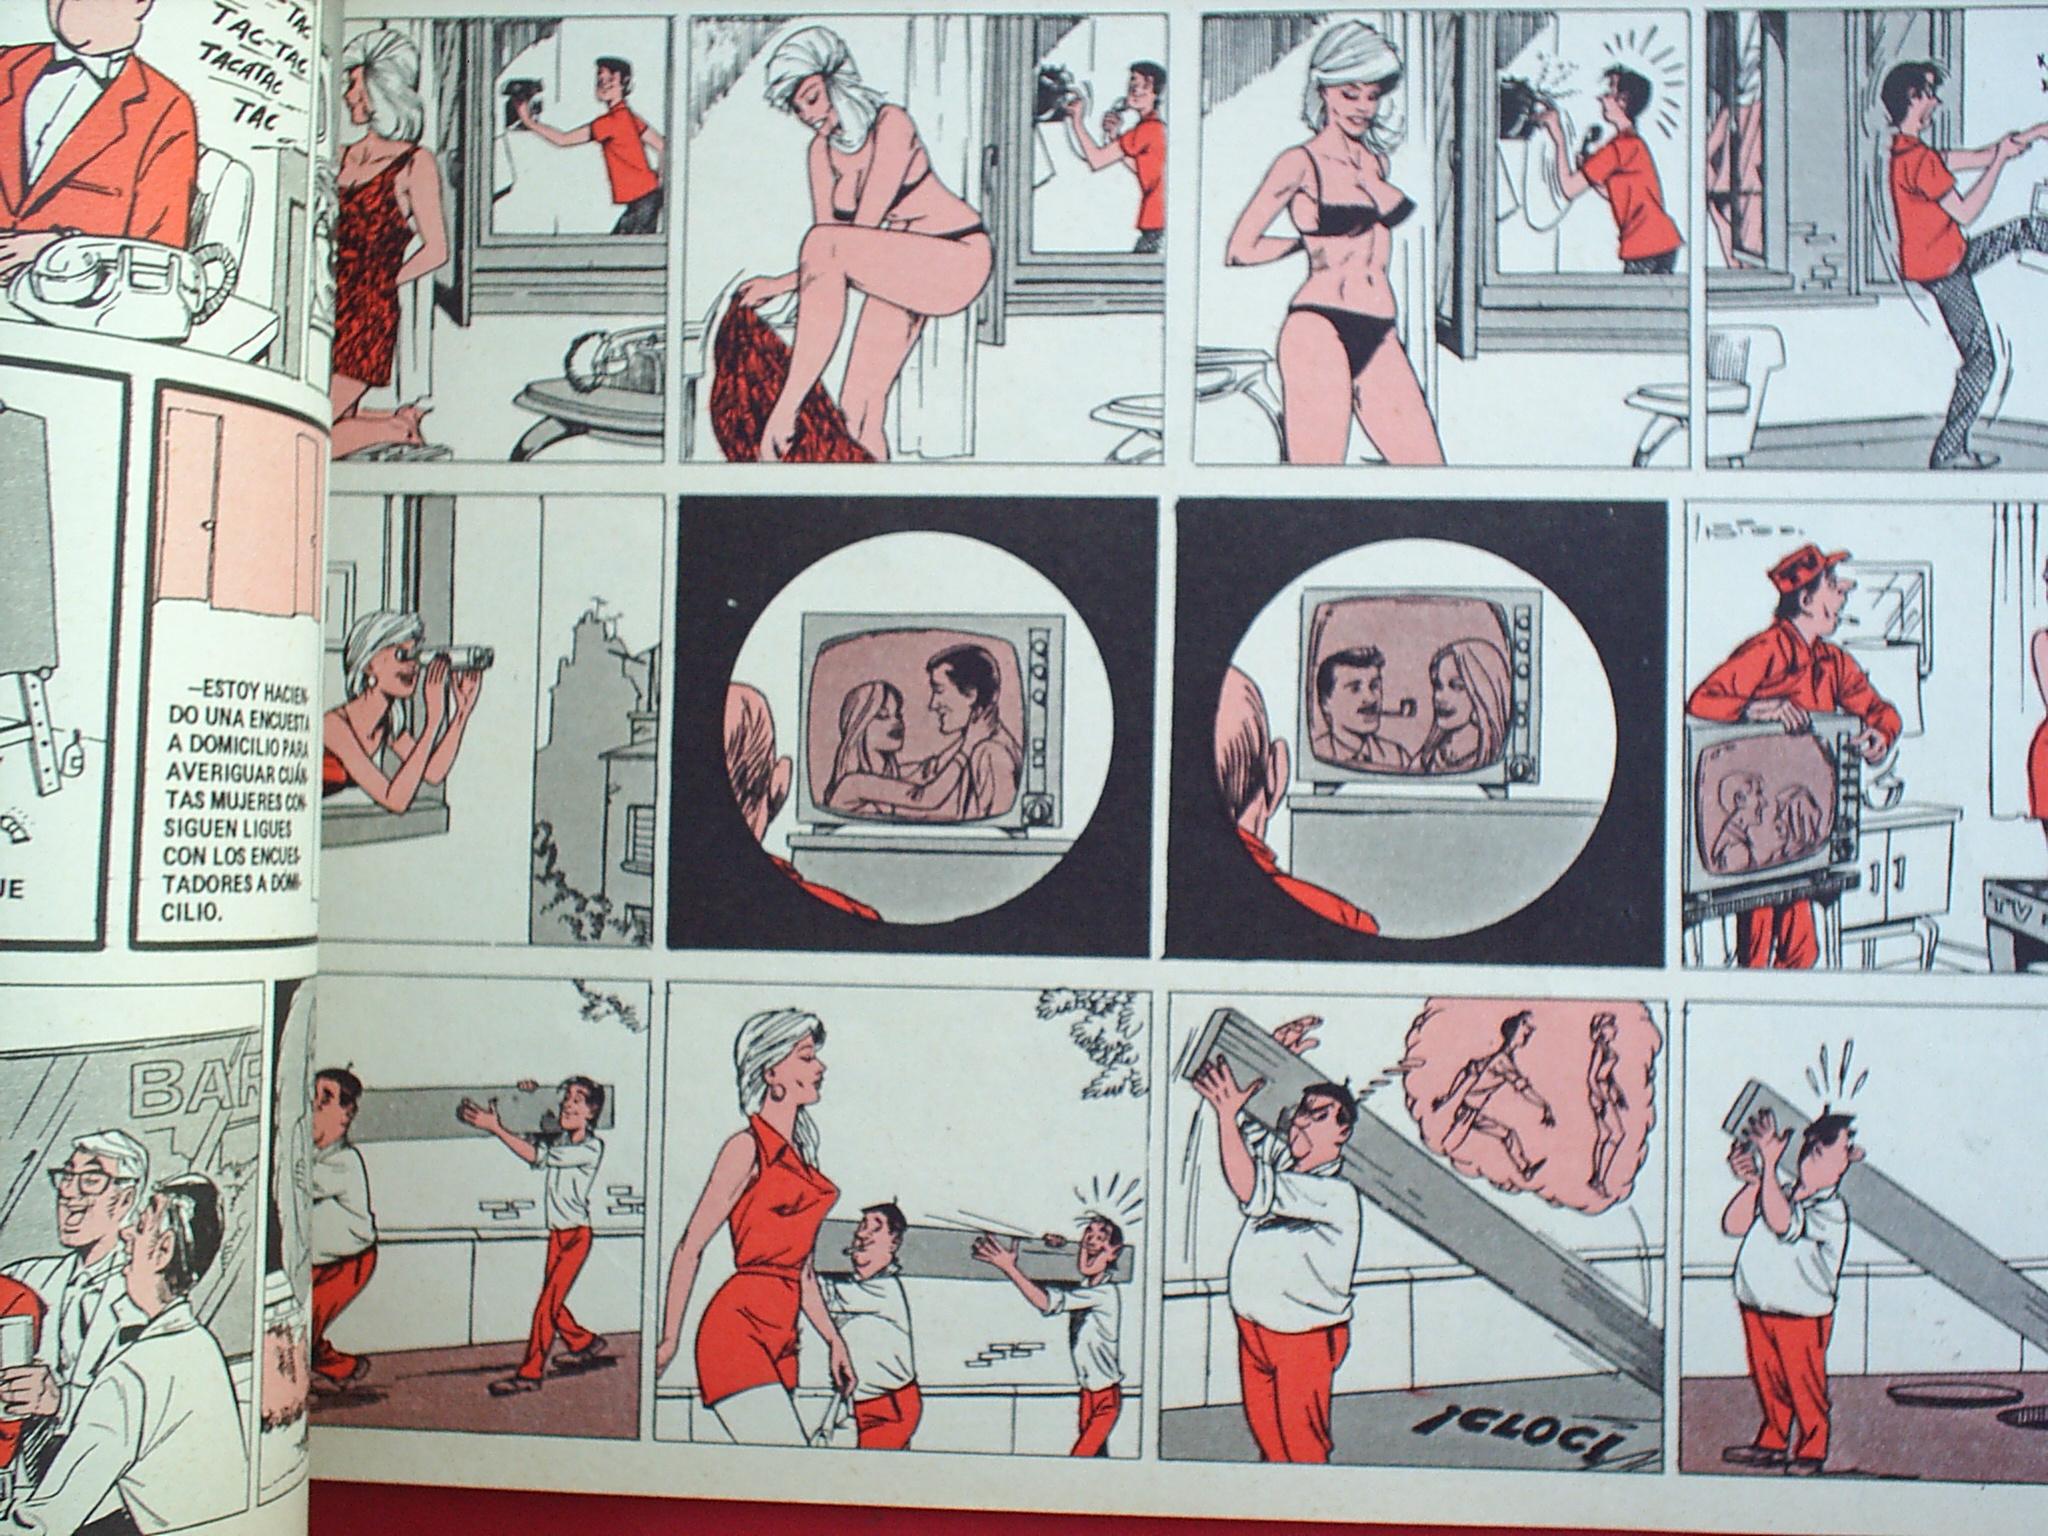 Tebeos: 120 TIRAS CON LOLA ,N.23 - 1976 - EDITORIAL BRUGUERA - Foto 3 - 24991351